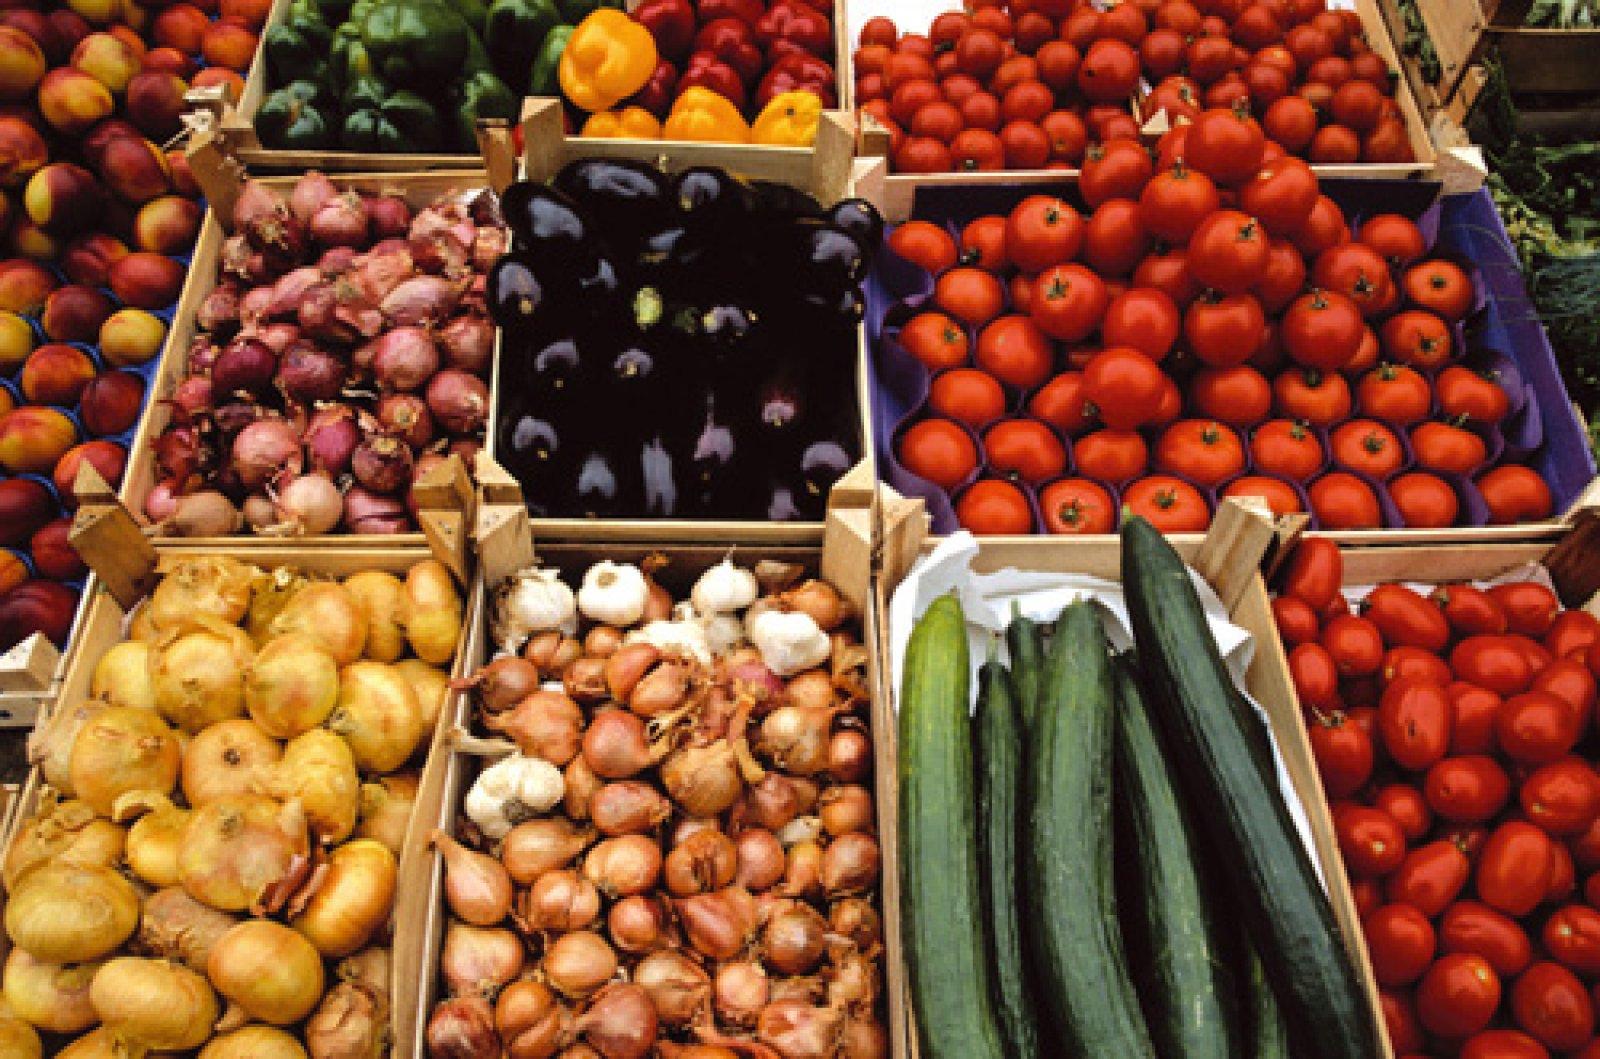 Aliments mercat. Fruita i verdura